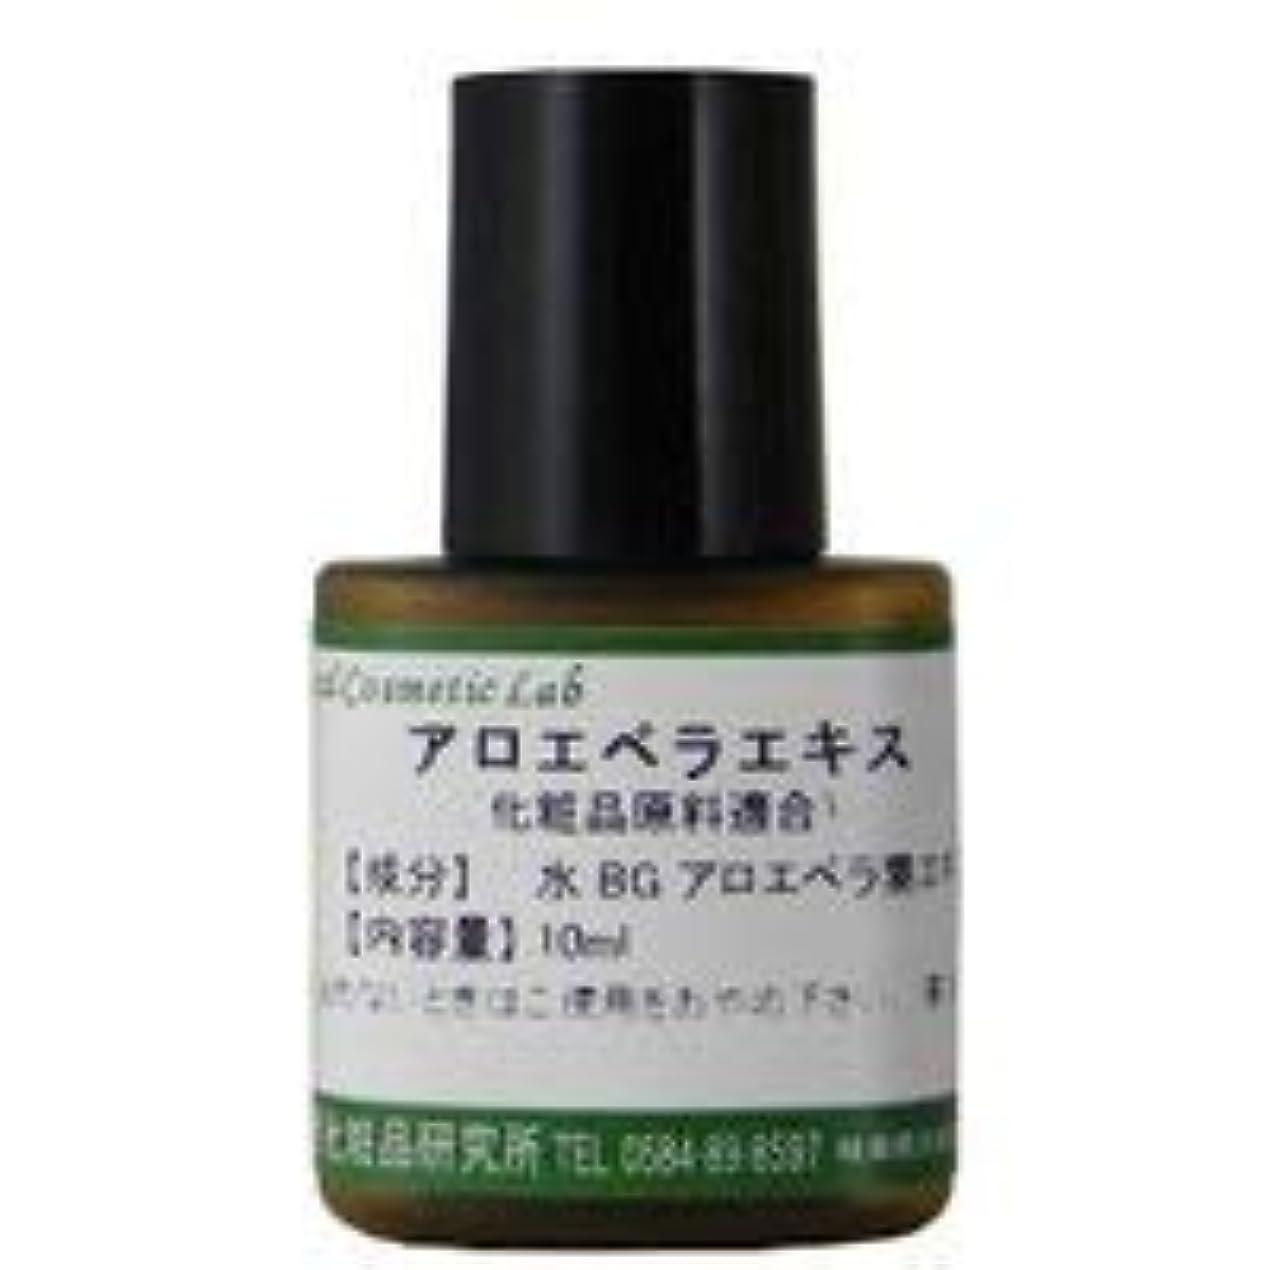 バンおしゃれな砲撃アロエベラエキス 10ml 【手作り化粧品原料】